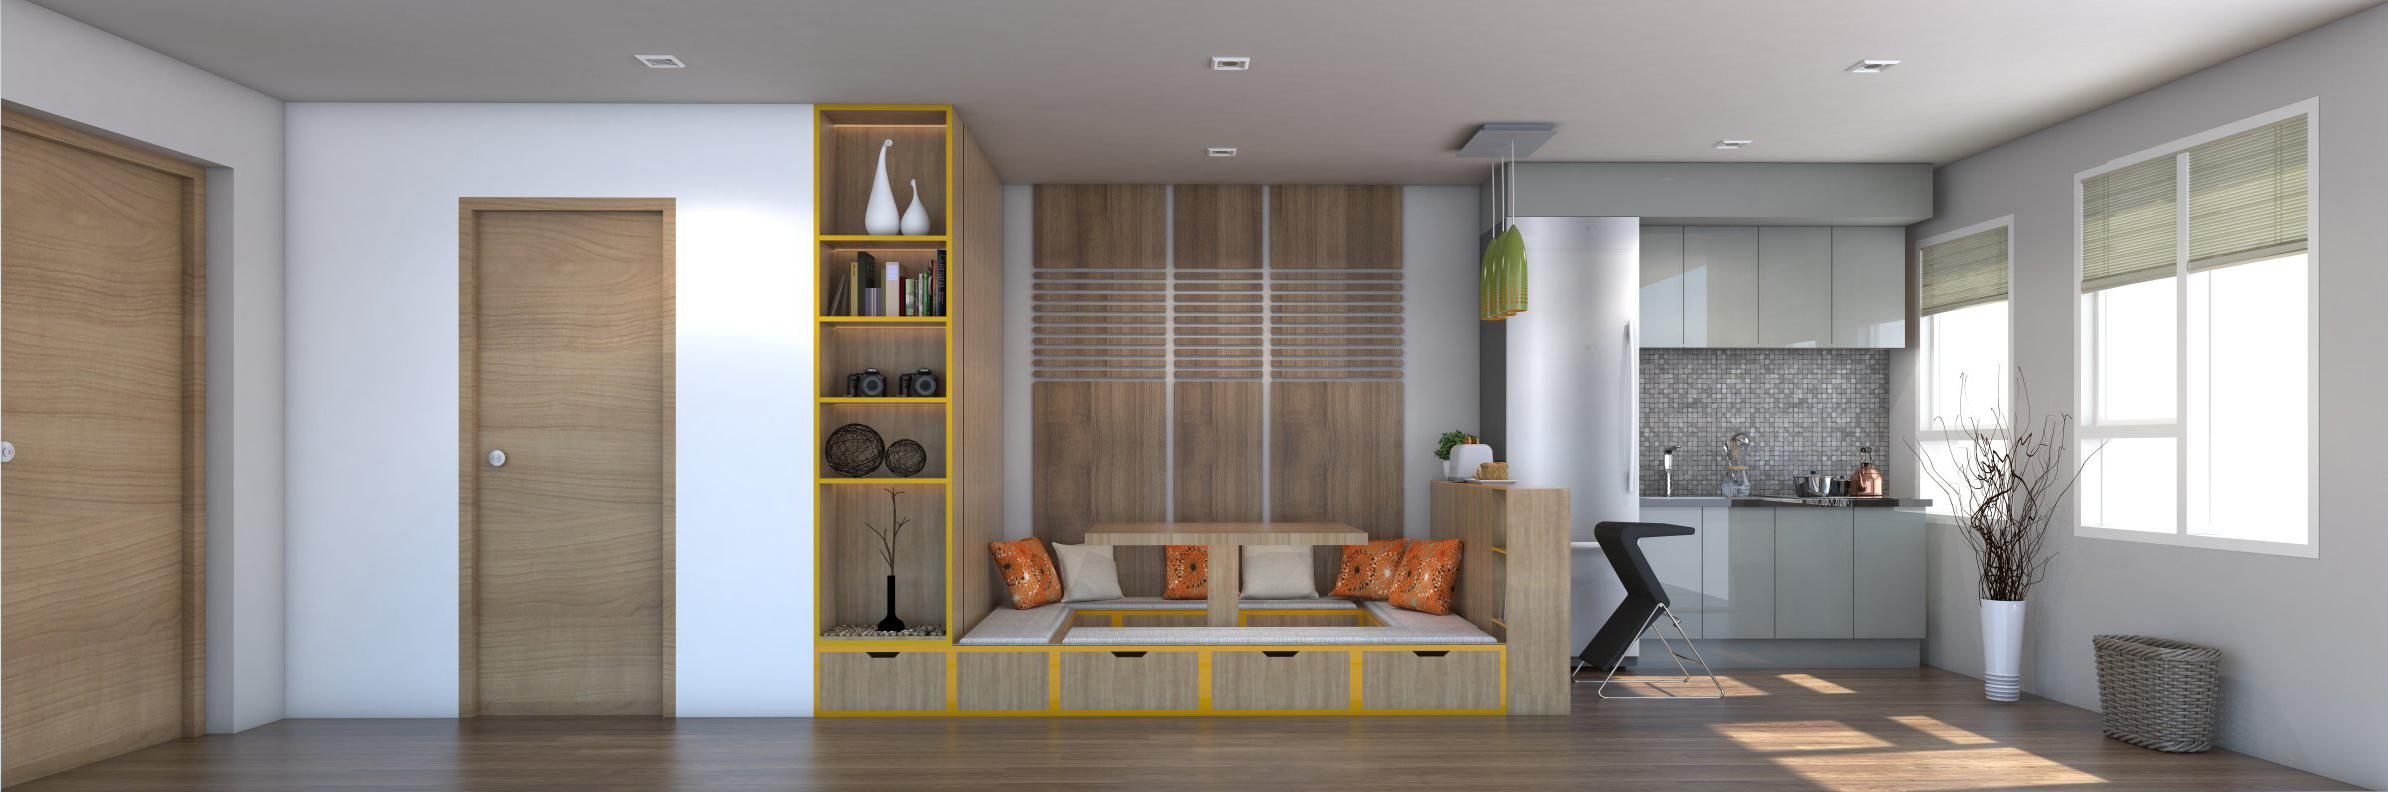 xiao-yan-public-rental-housing-mfa-1_17022031073_o.jpg